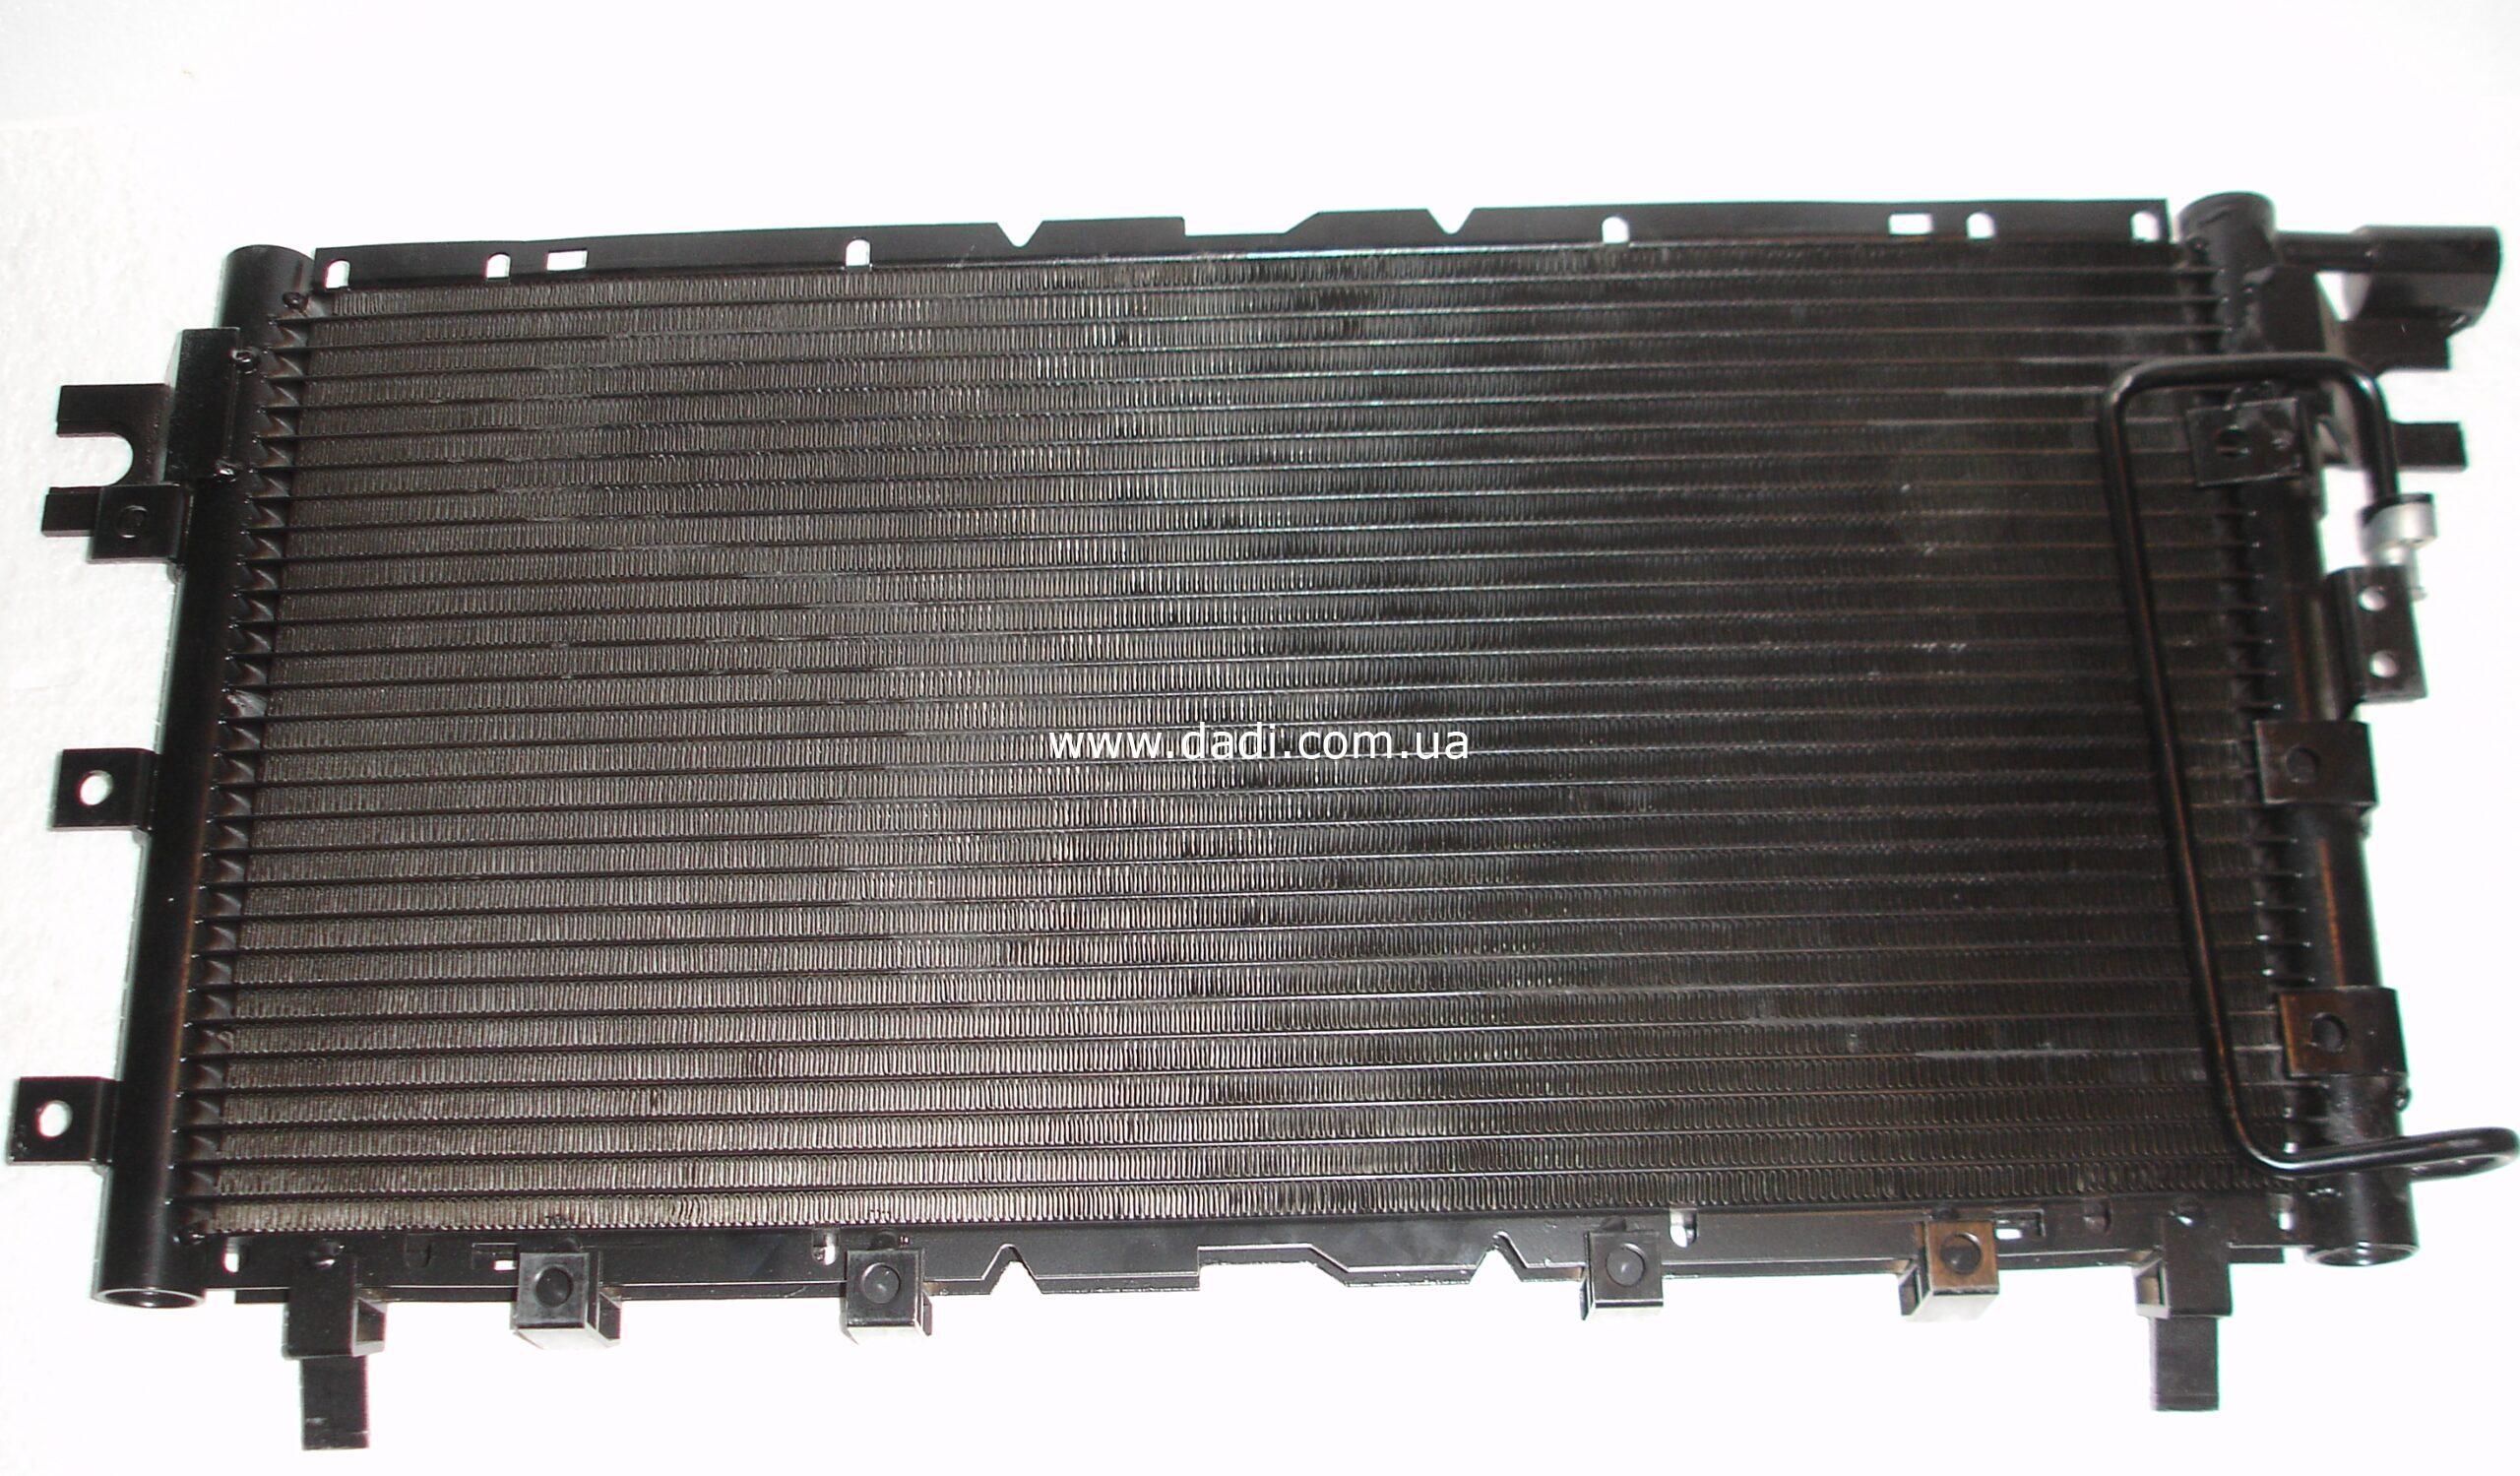 Радіатор кондиціонеру (без навісів) Gw Hover/ радиатор кондиционера-0